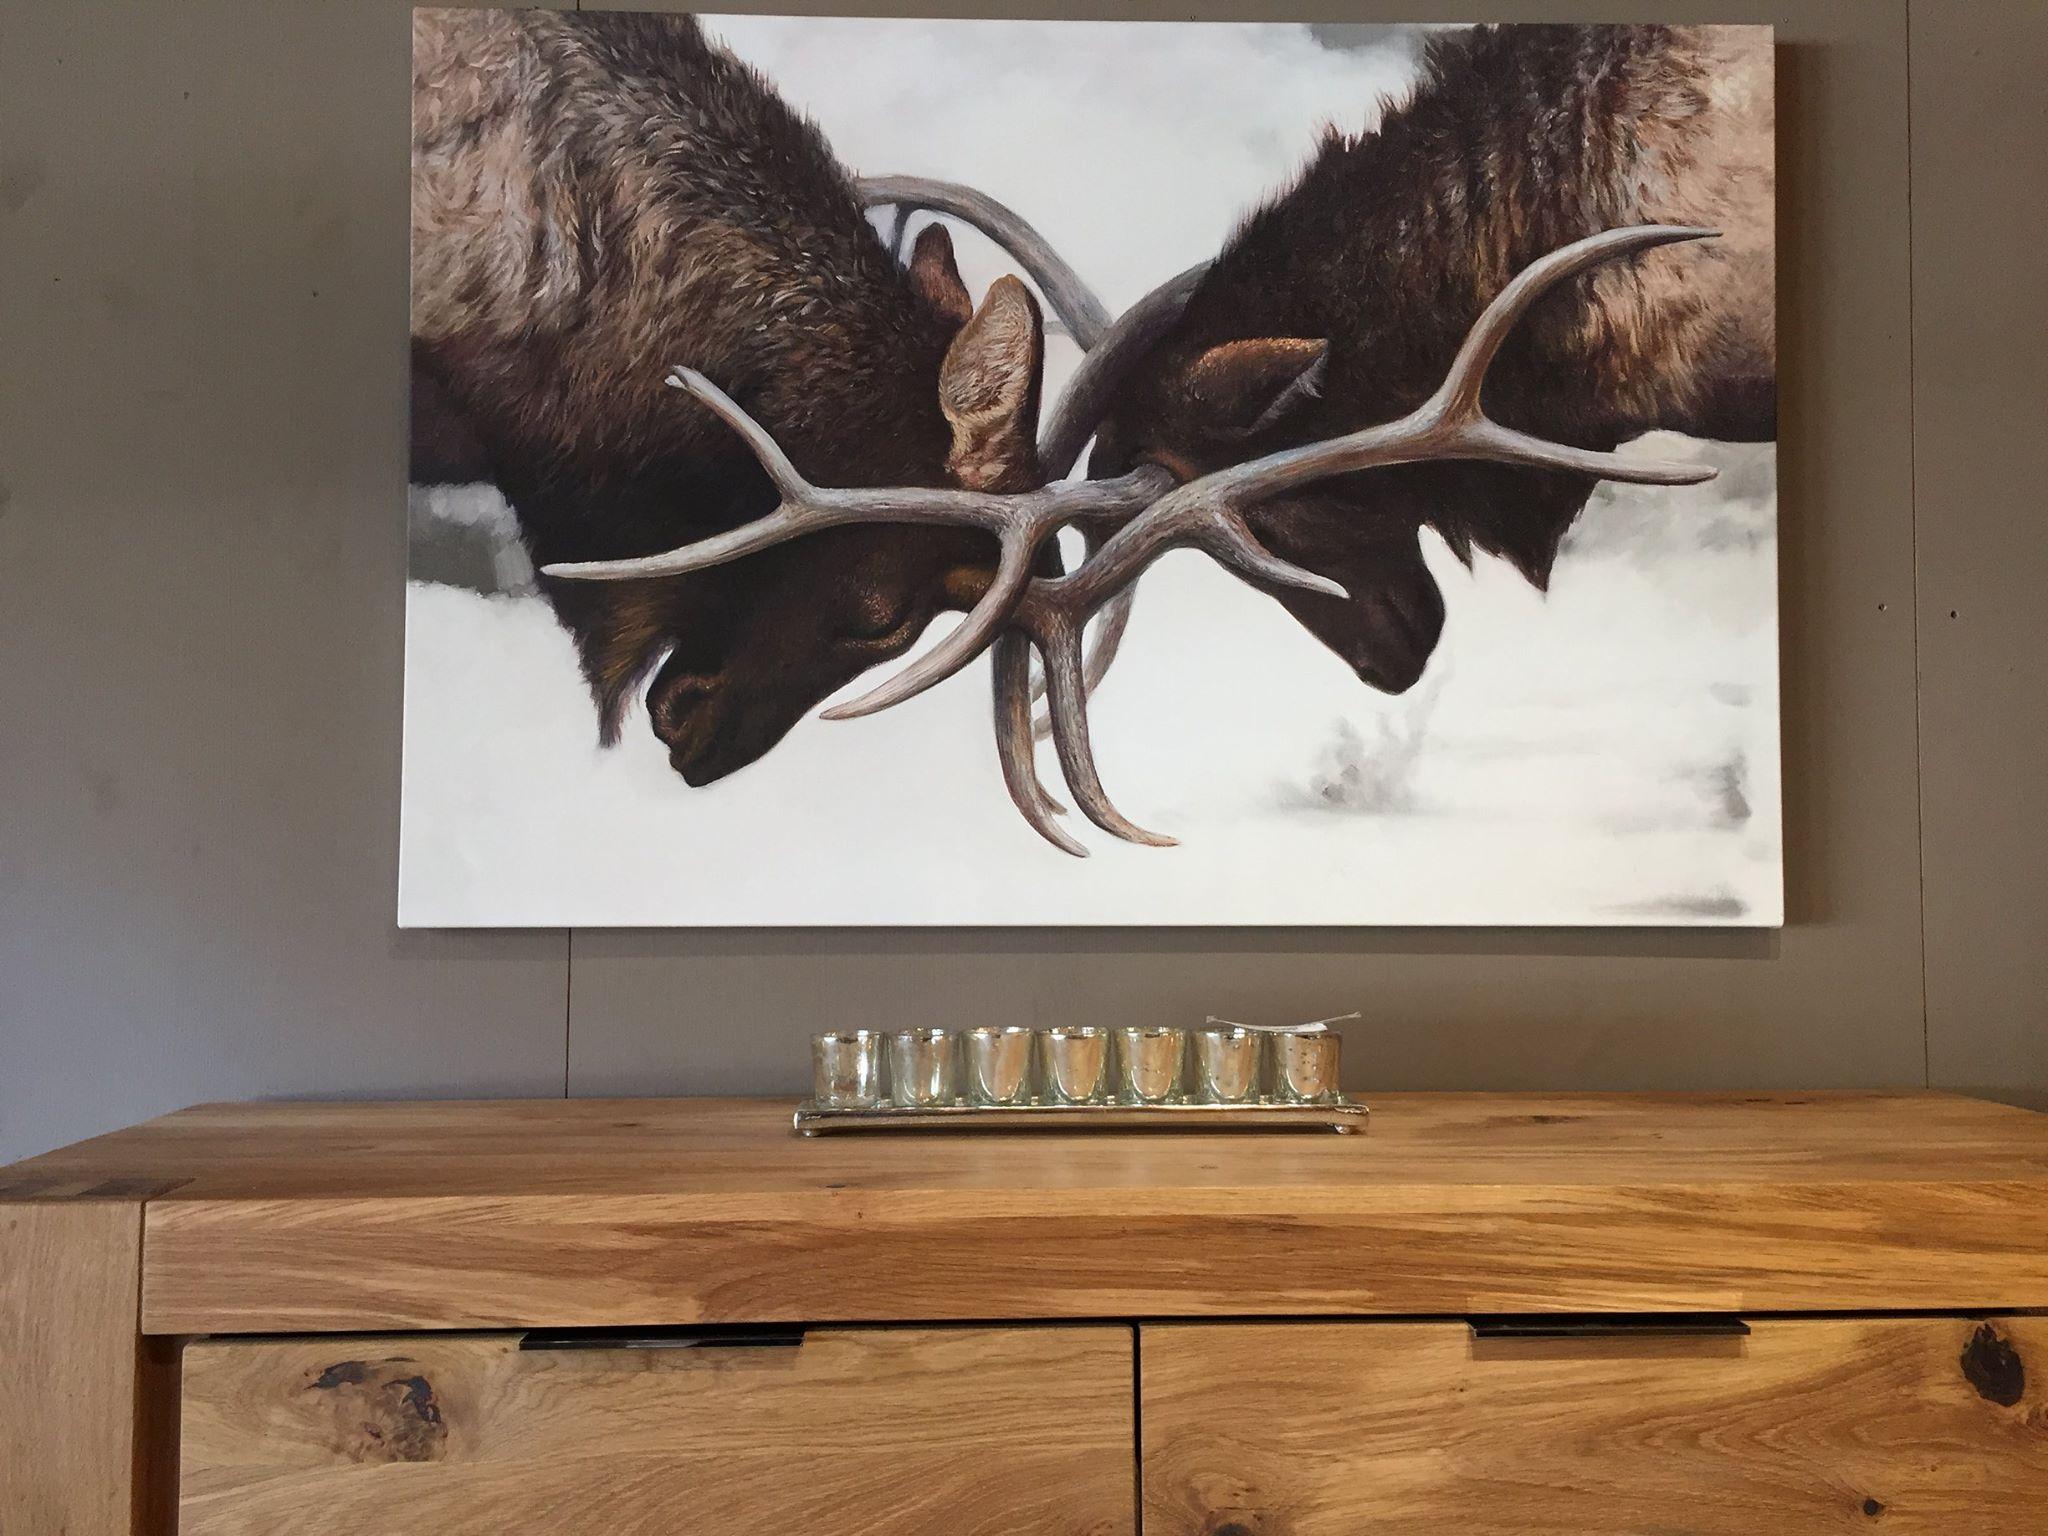 Où acheter des meubles traditionnels dans les Hautes-Alpes ? 4